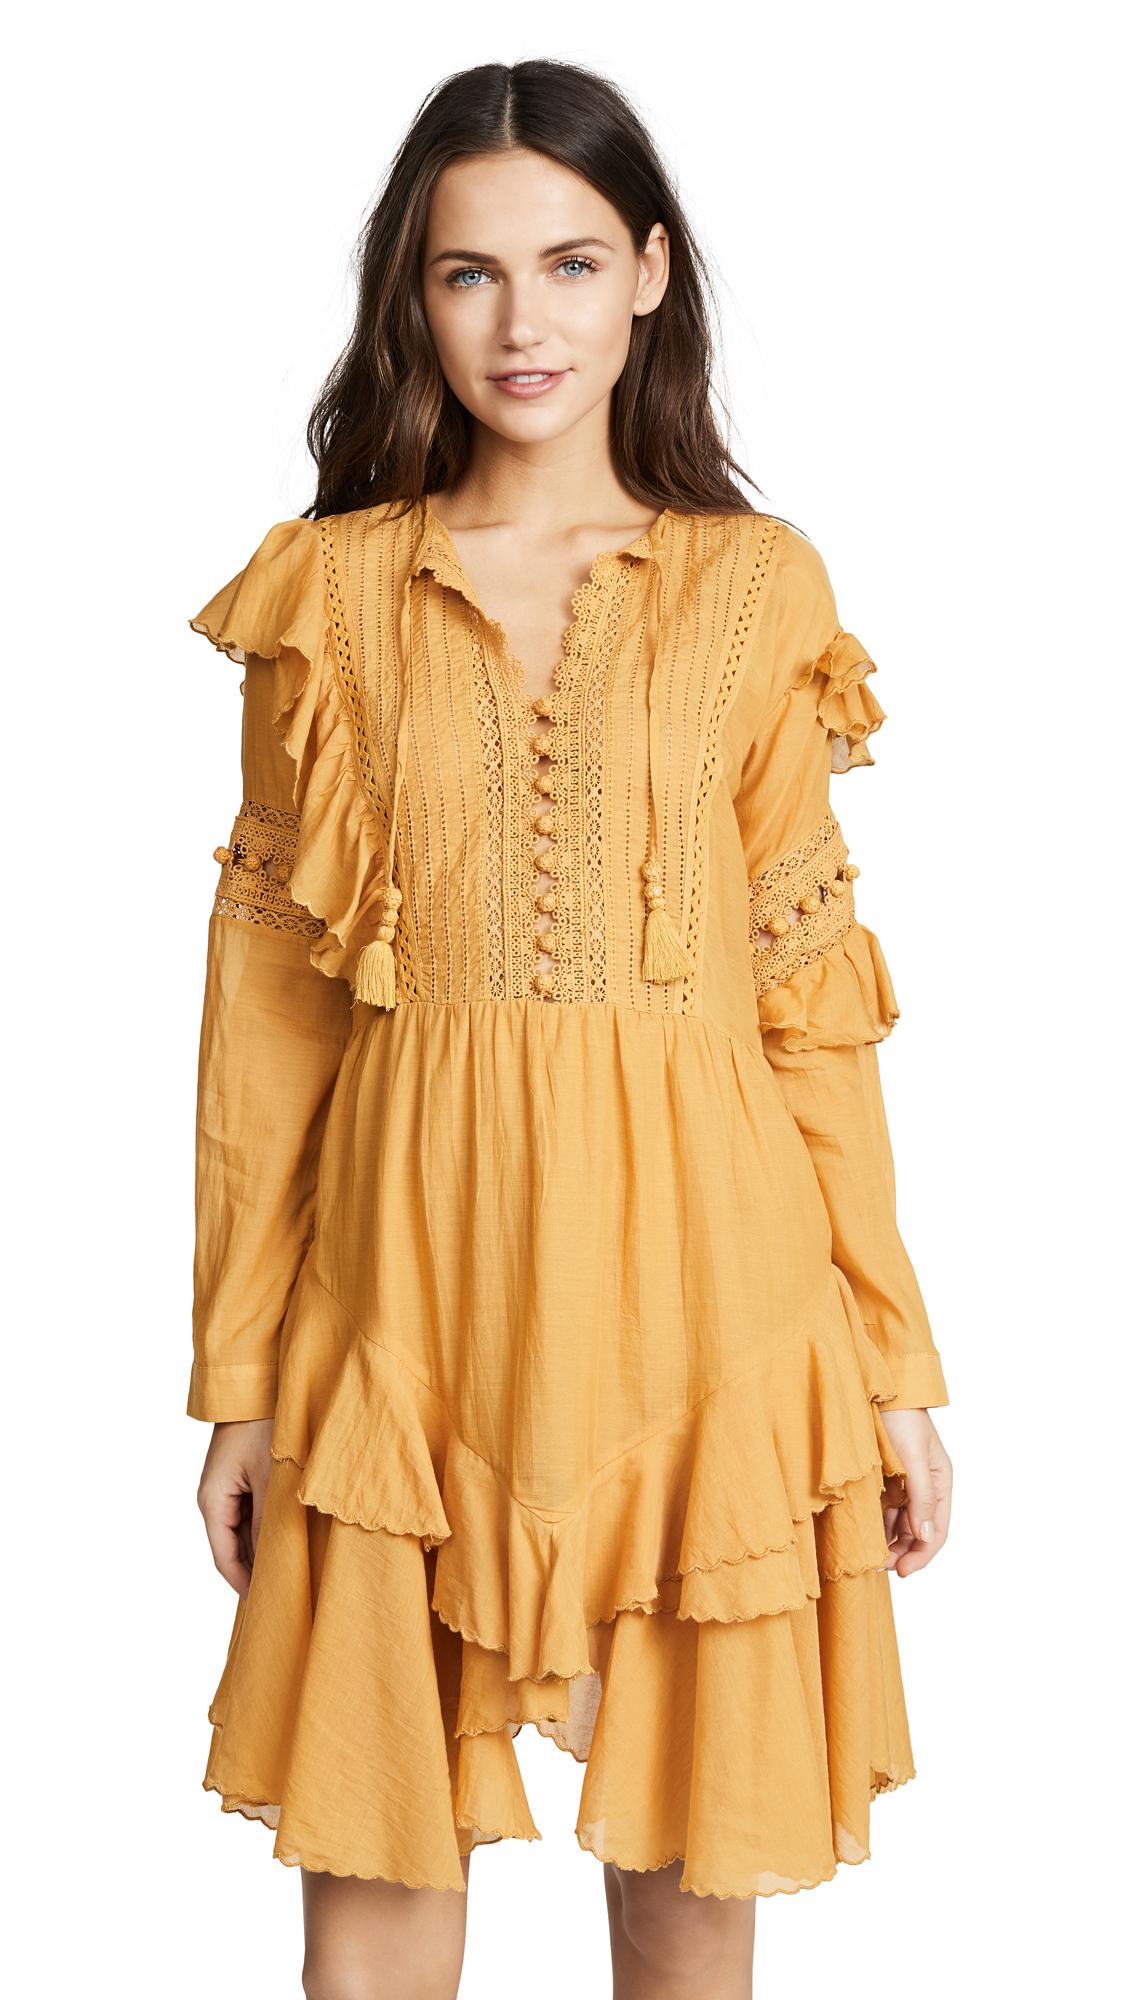 WEATHERLY DRESS